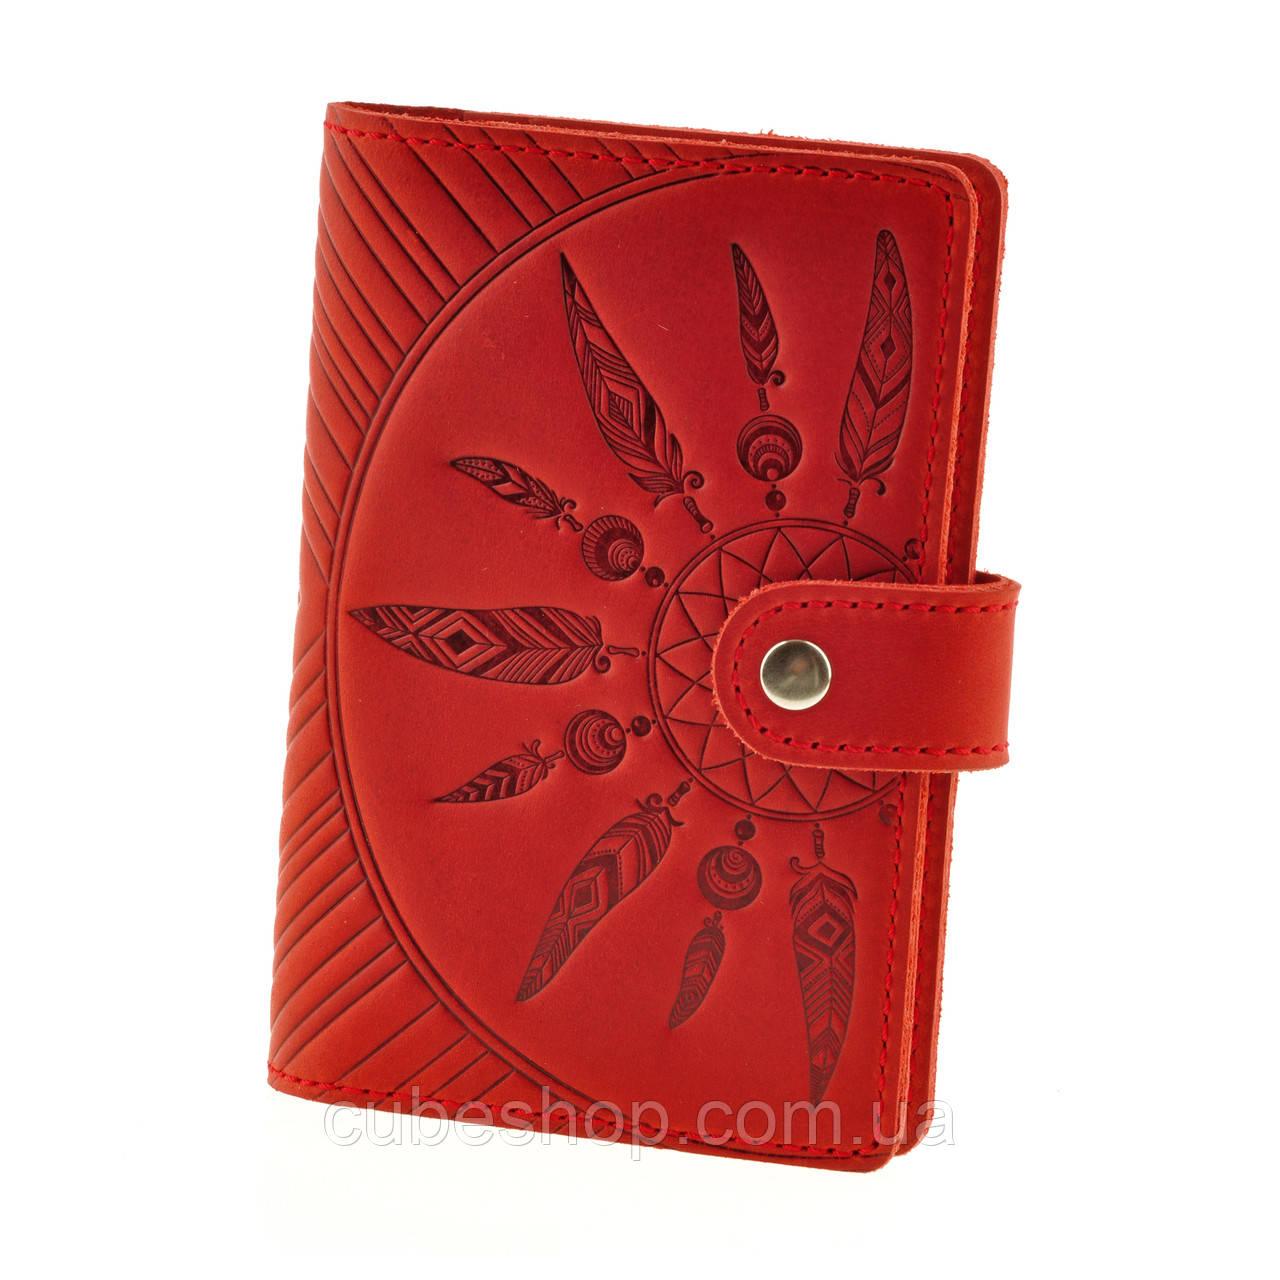 6b705e491db7 Обложка для паспорта из кожи 3.0